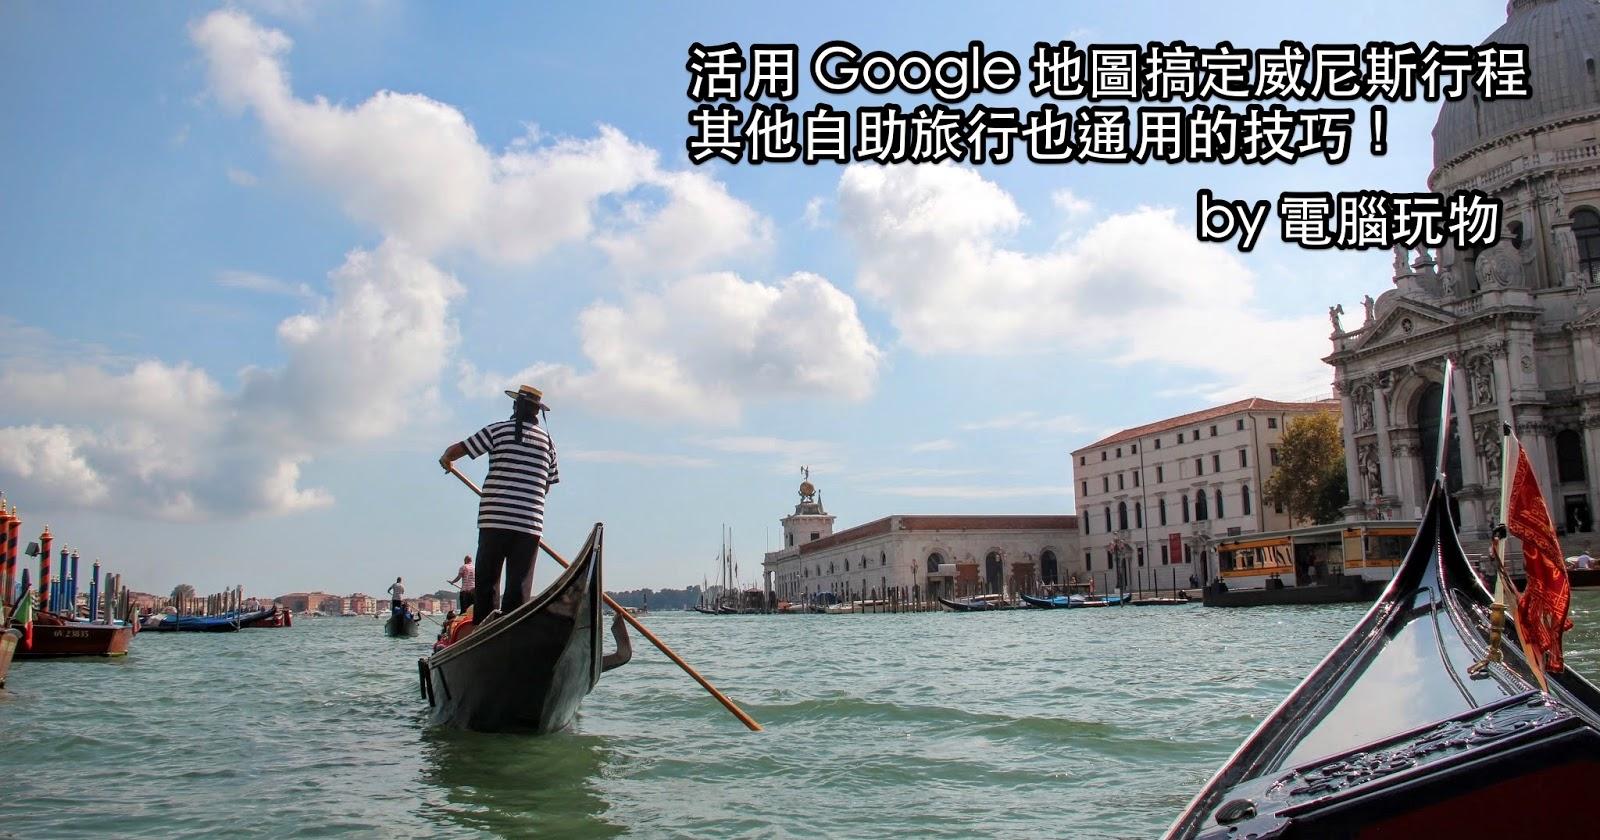 我如何用 Google 地圖玩通威尼斯?11個私房旅遊技巧